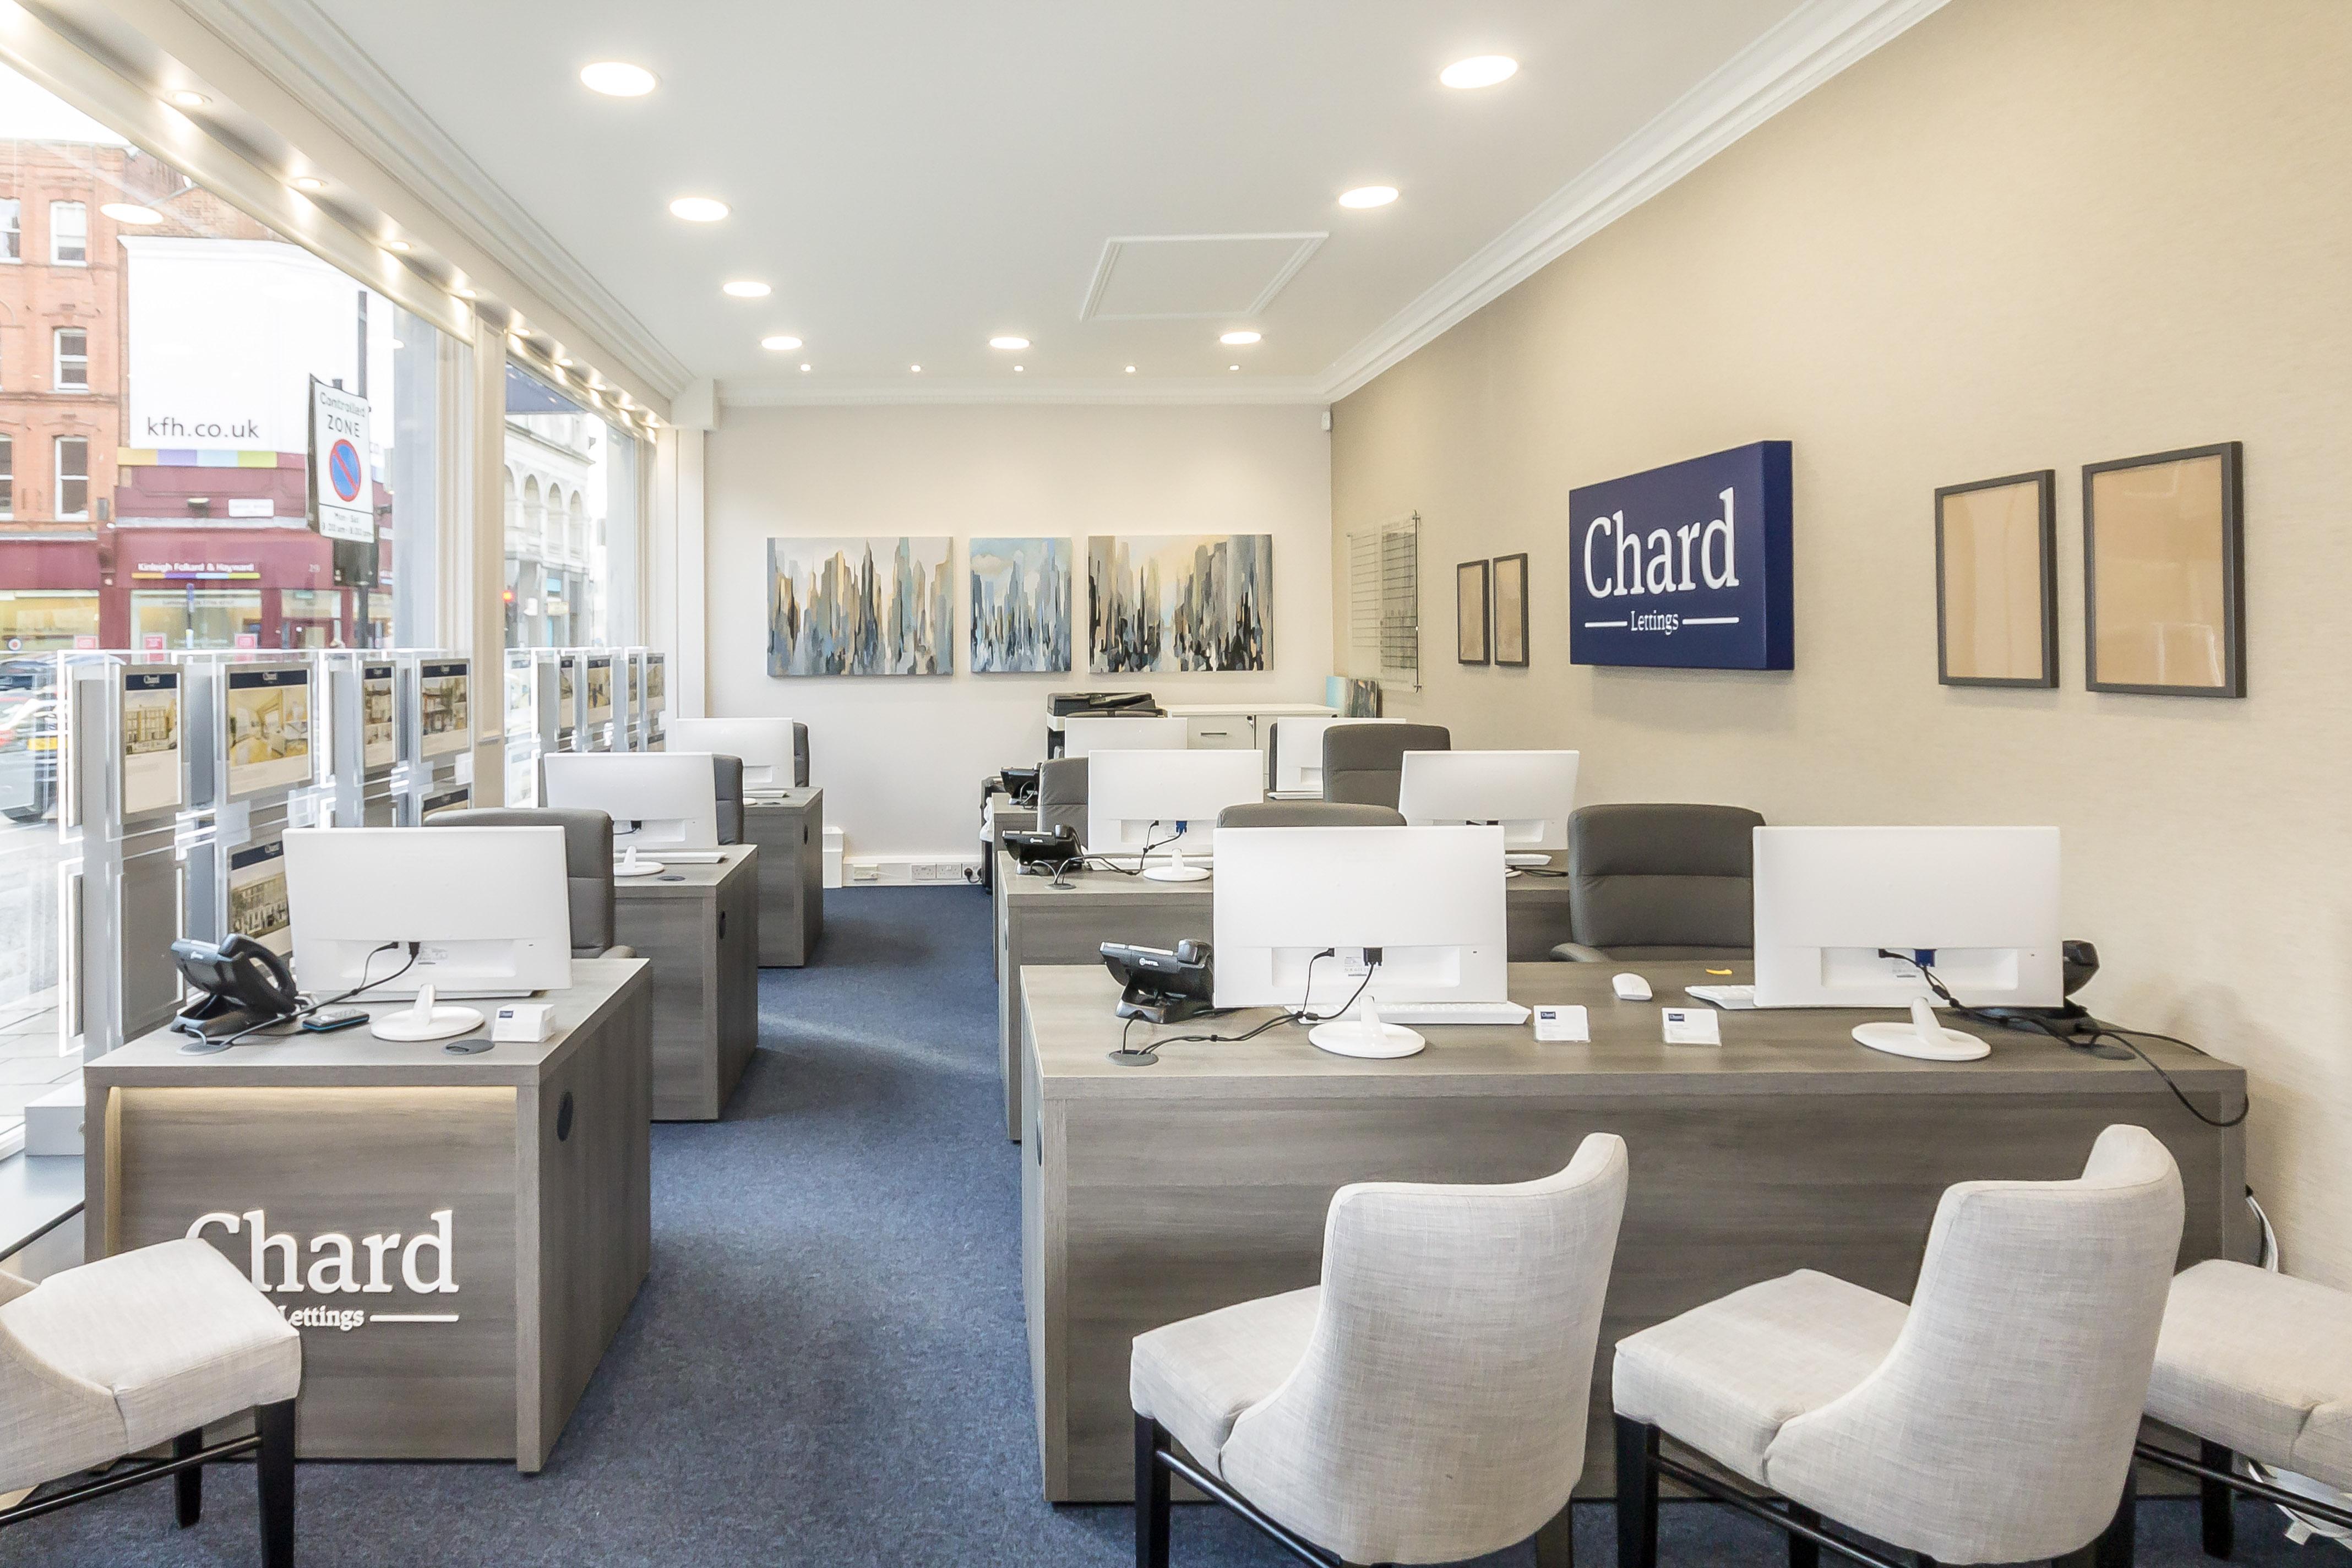 Chard Estate Agents - London, London SW6 4QP - 020 7384 1400 | ShowMeLocal.com